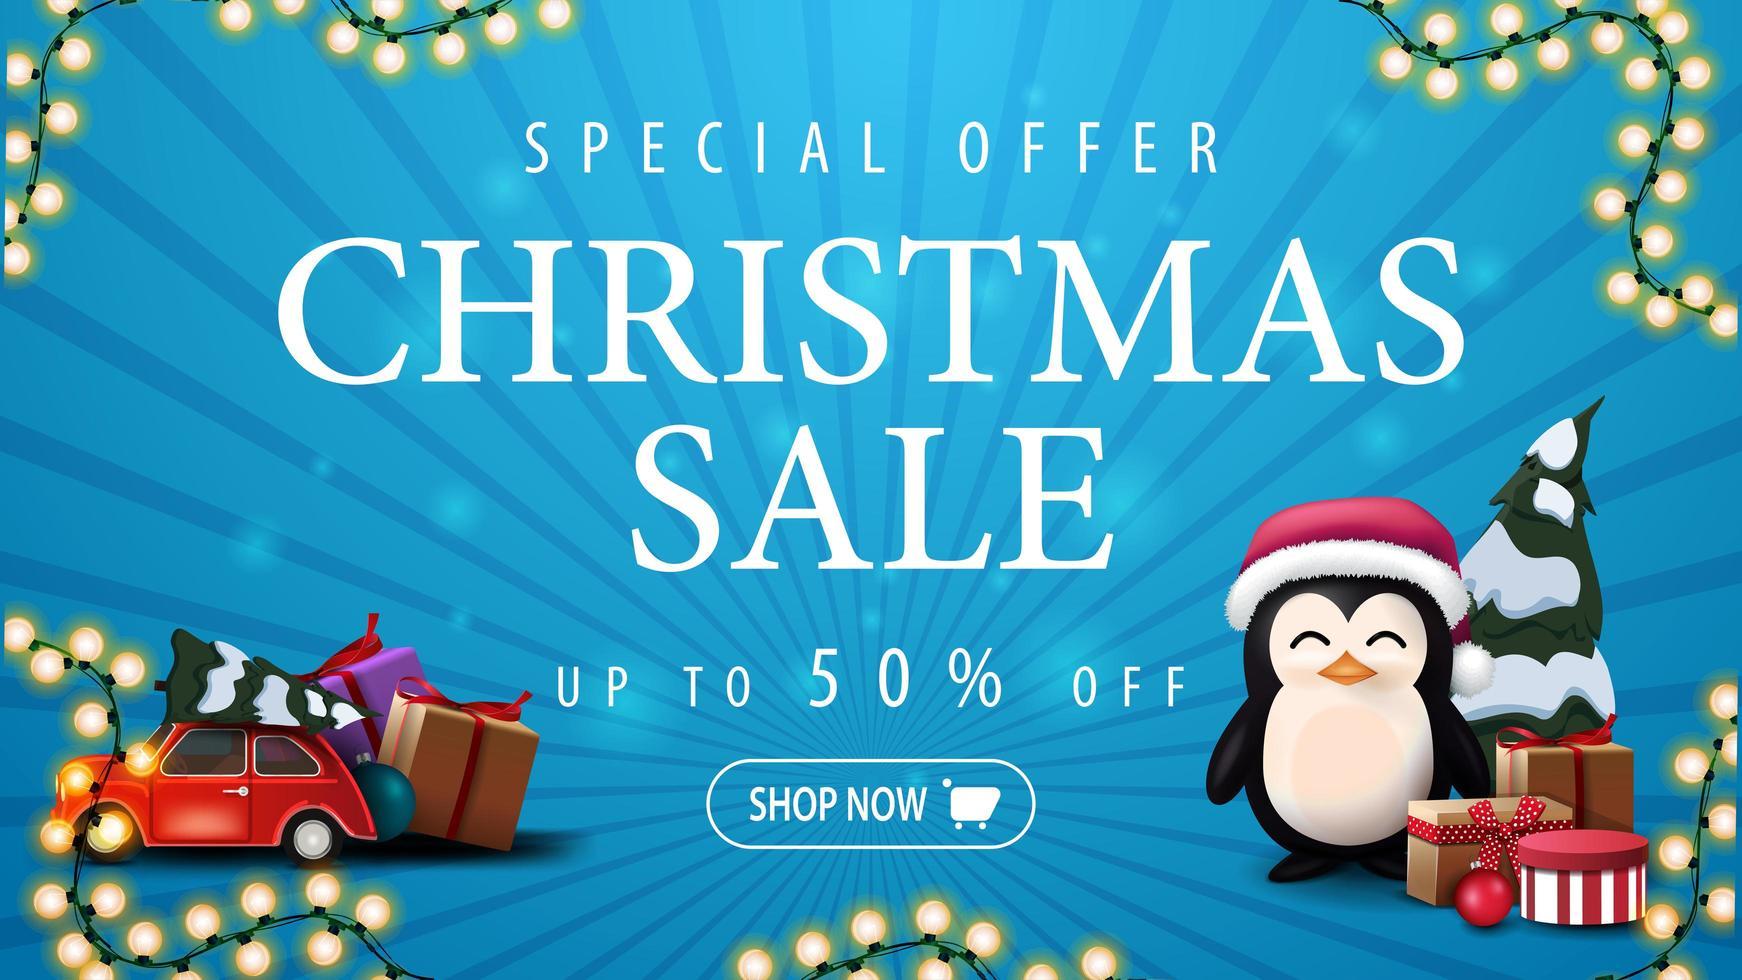 offre spéciale, vente de noël, jusqu'à 50 rabais, bannière de réduction bleue avec guirlande, voiture vintage rouge portant arbre de Noël et pingouin en chapeau de père Noël avec des cadeaux vecteur